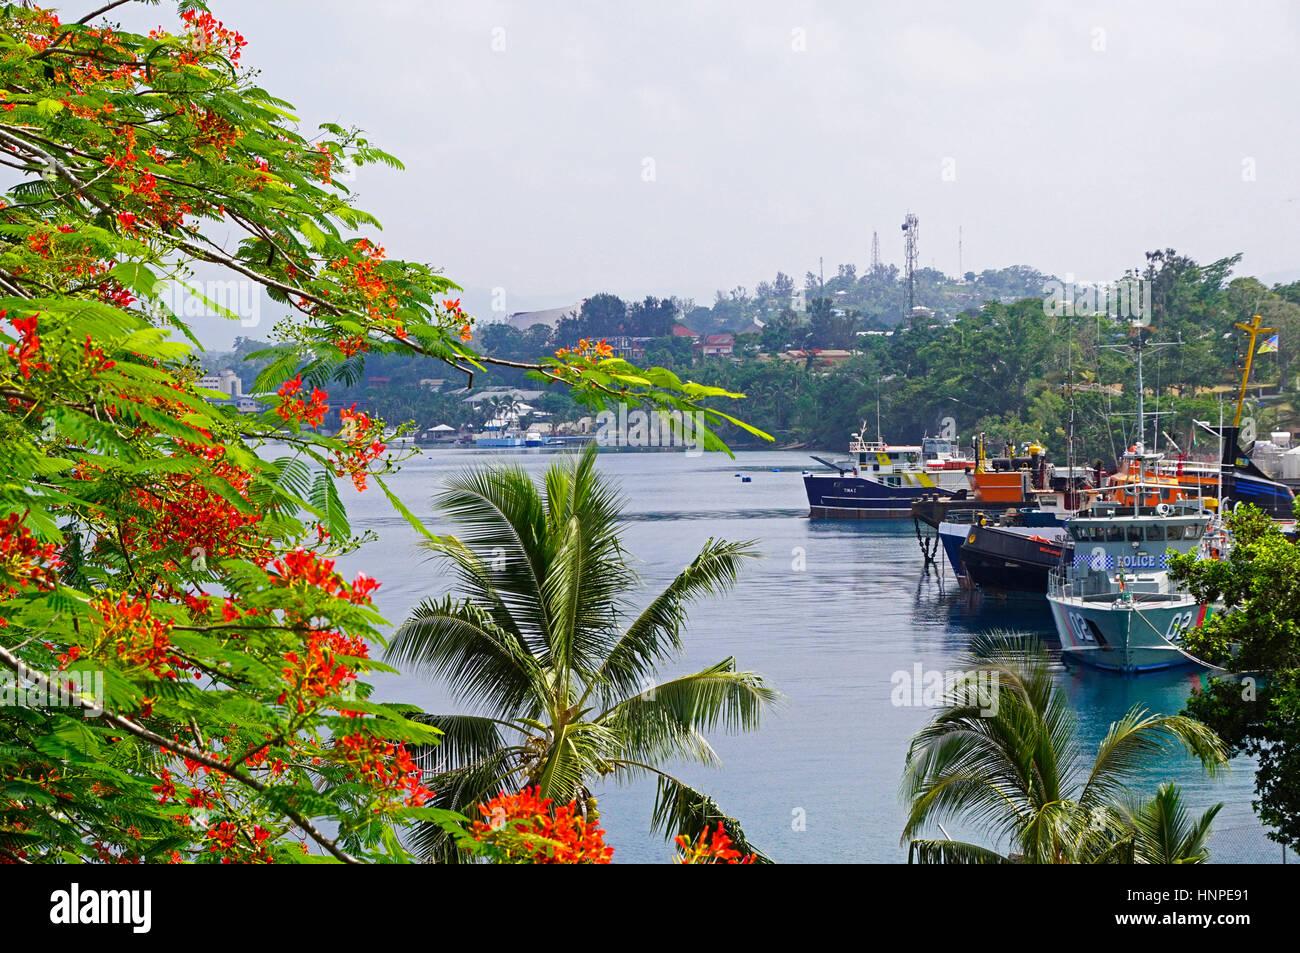 Harbor at Port Vila, Vanuatu. - Stock Image